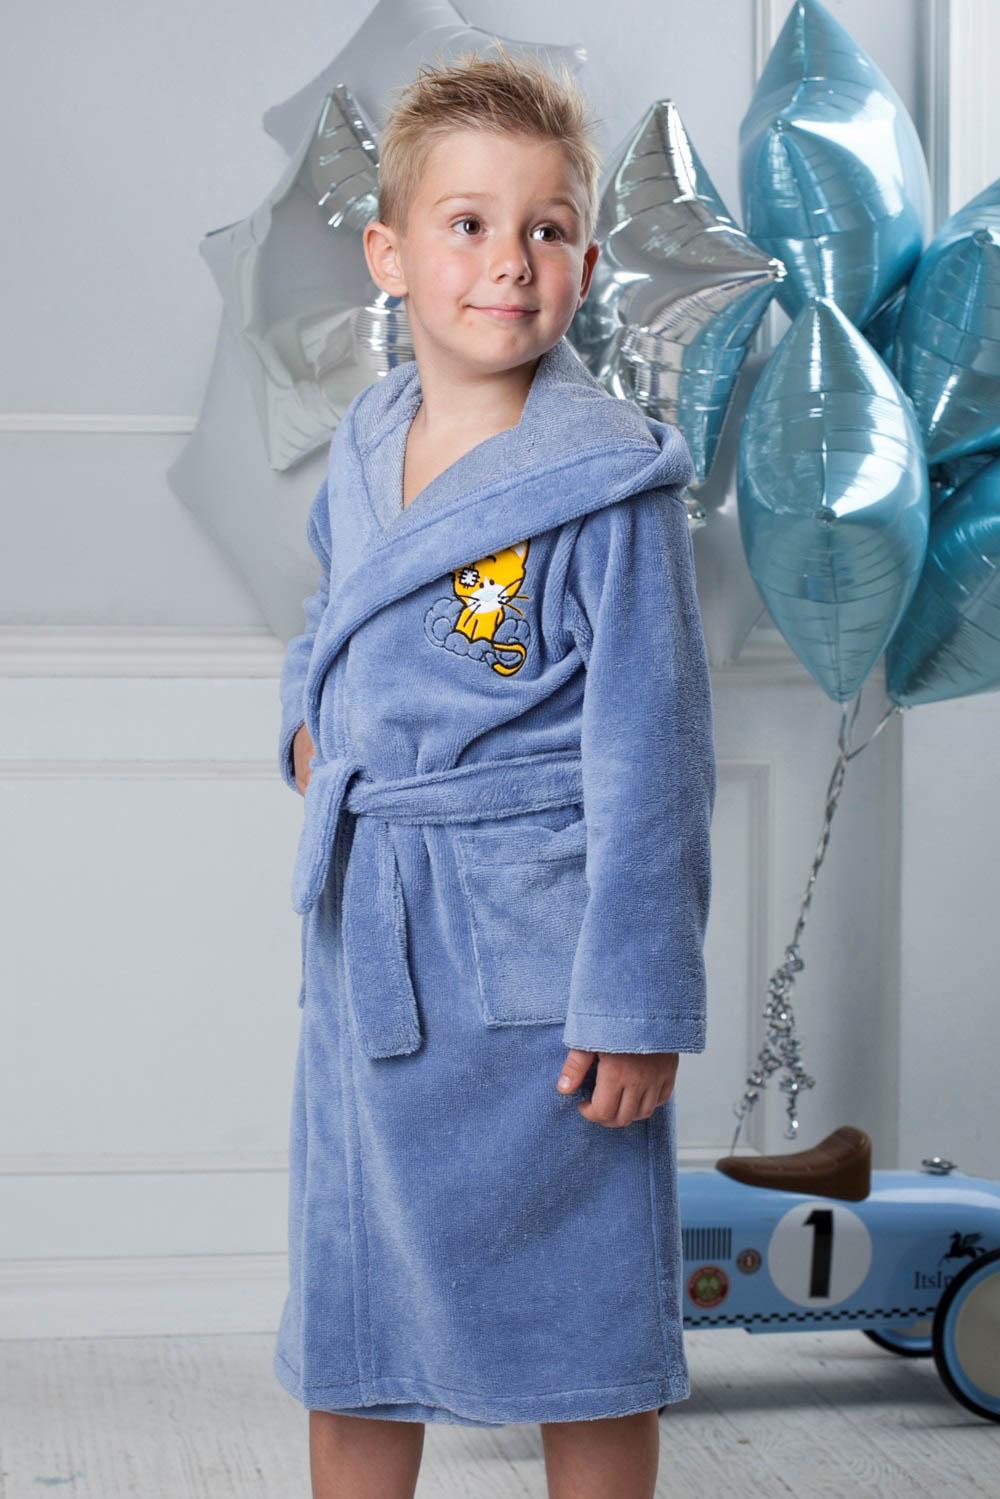 Детские халаты Five Wien Детский халат Малыш Цвет: Голубой (6-8 лет) халаты домашние лори халат